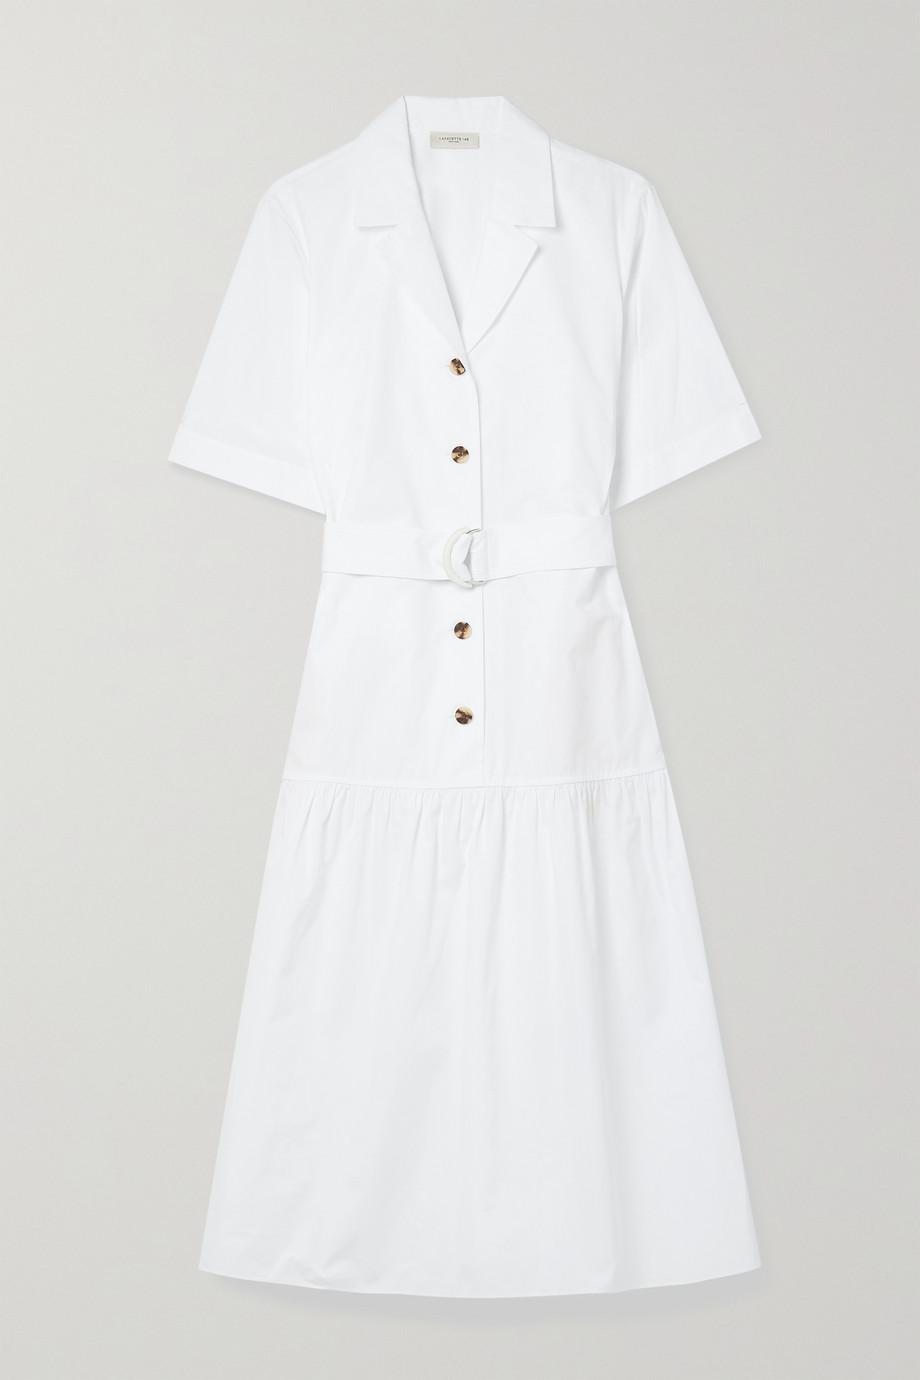 Lafayette 148 Robe-chemise midi en popeline de coton à ceinture Orion